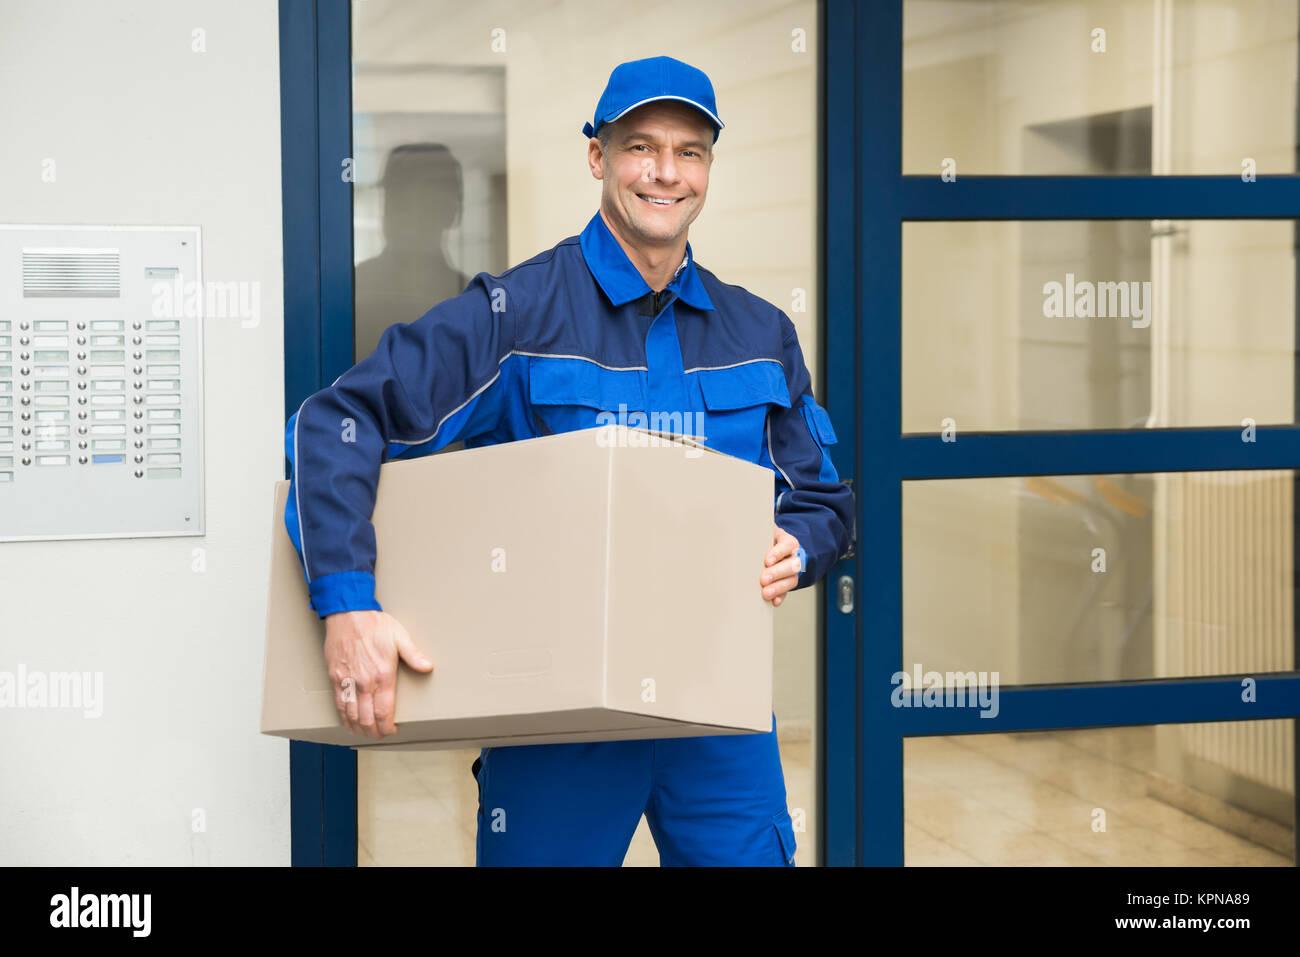 Deliveryman parado cerca del cajón de la puerta Foto de stock